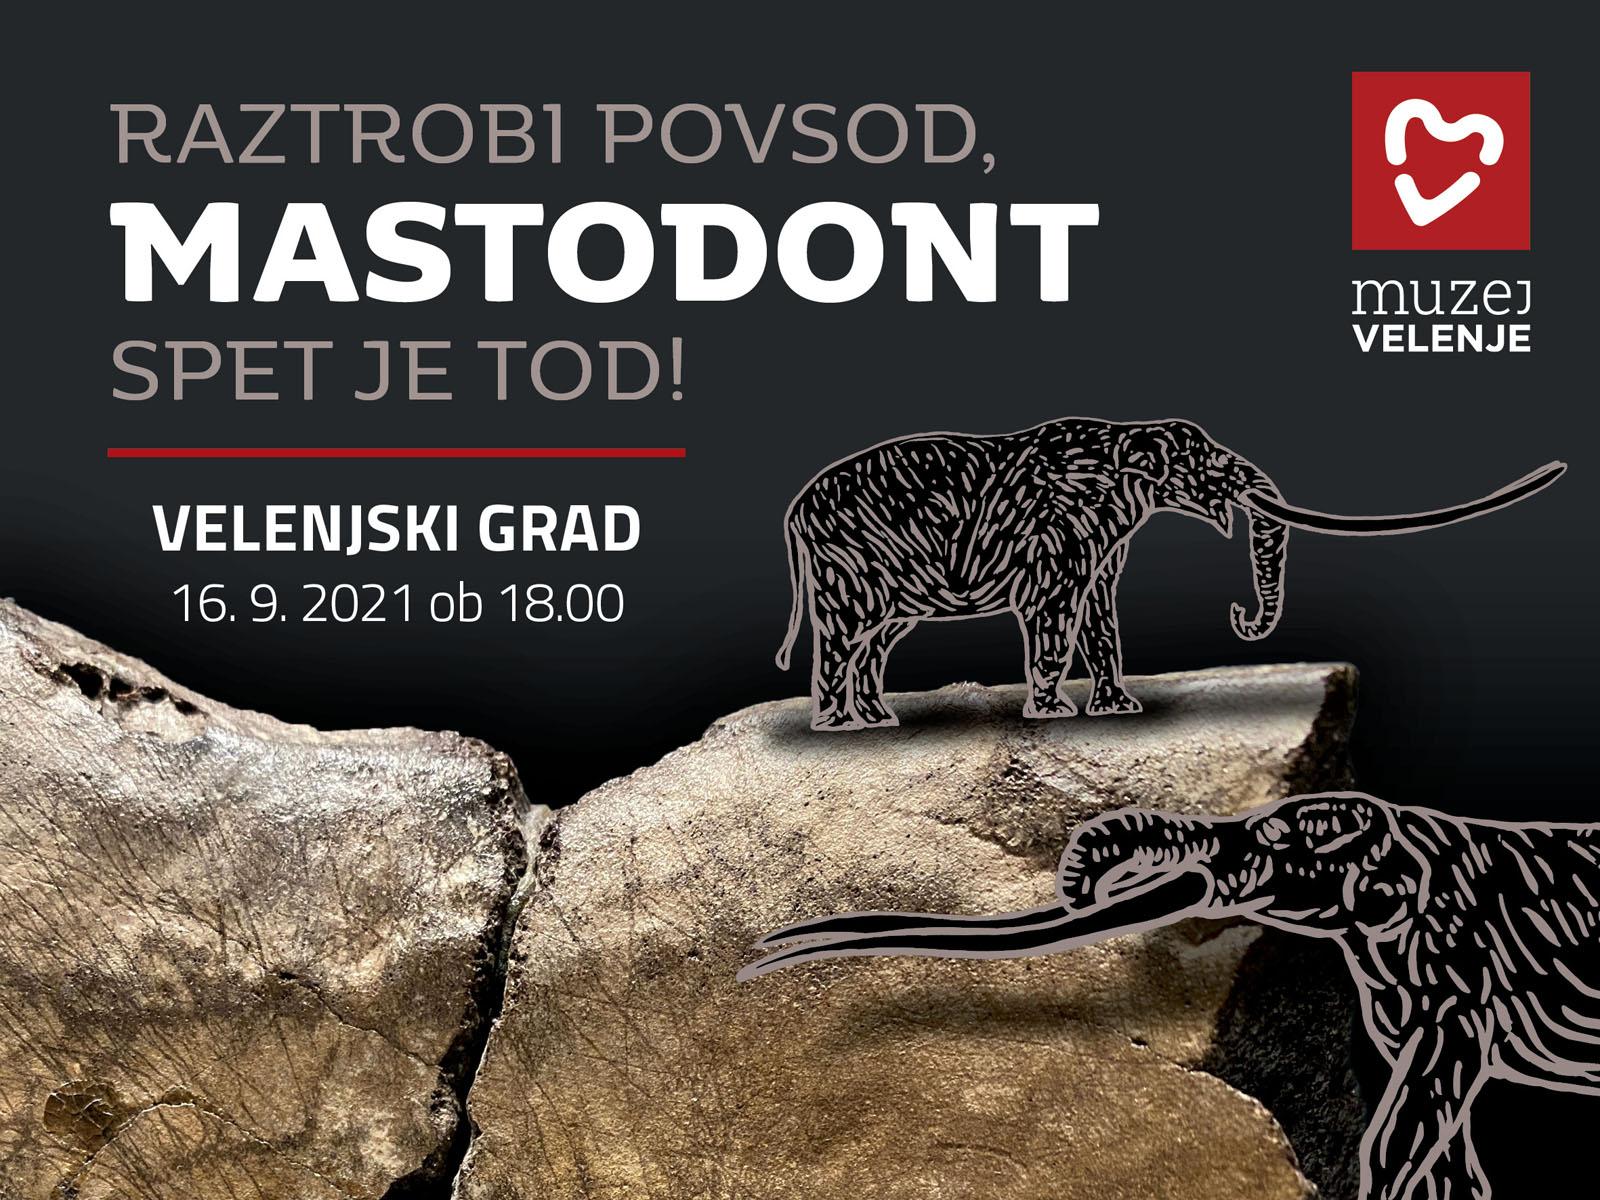 Mastodont se je vrnil na Velenjski grad